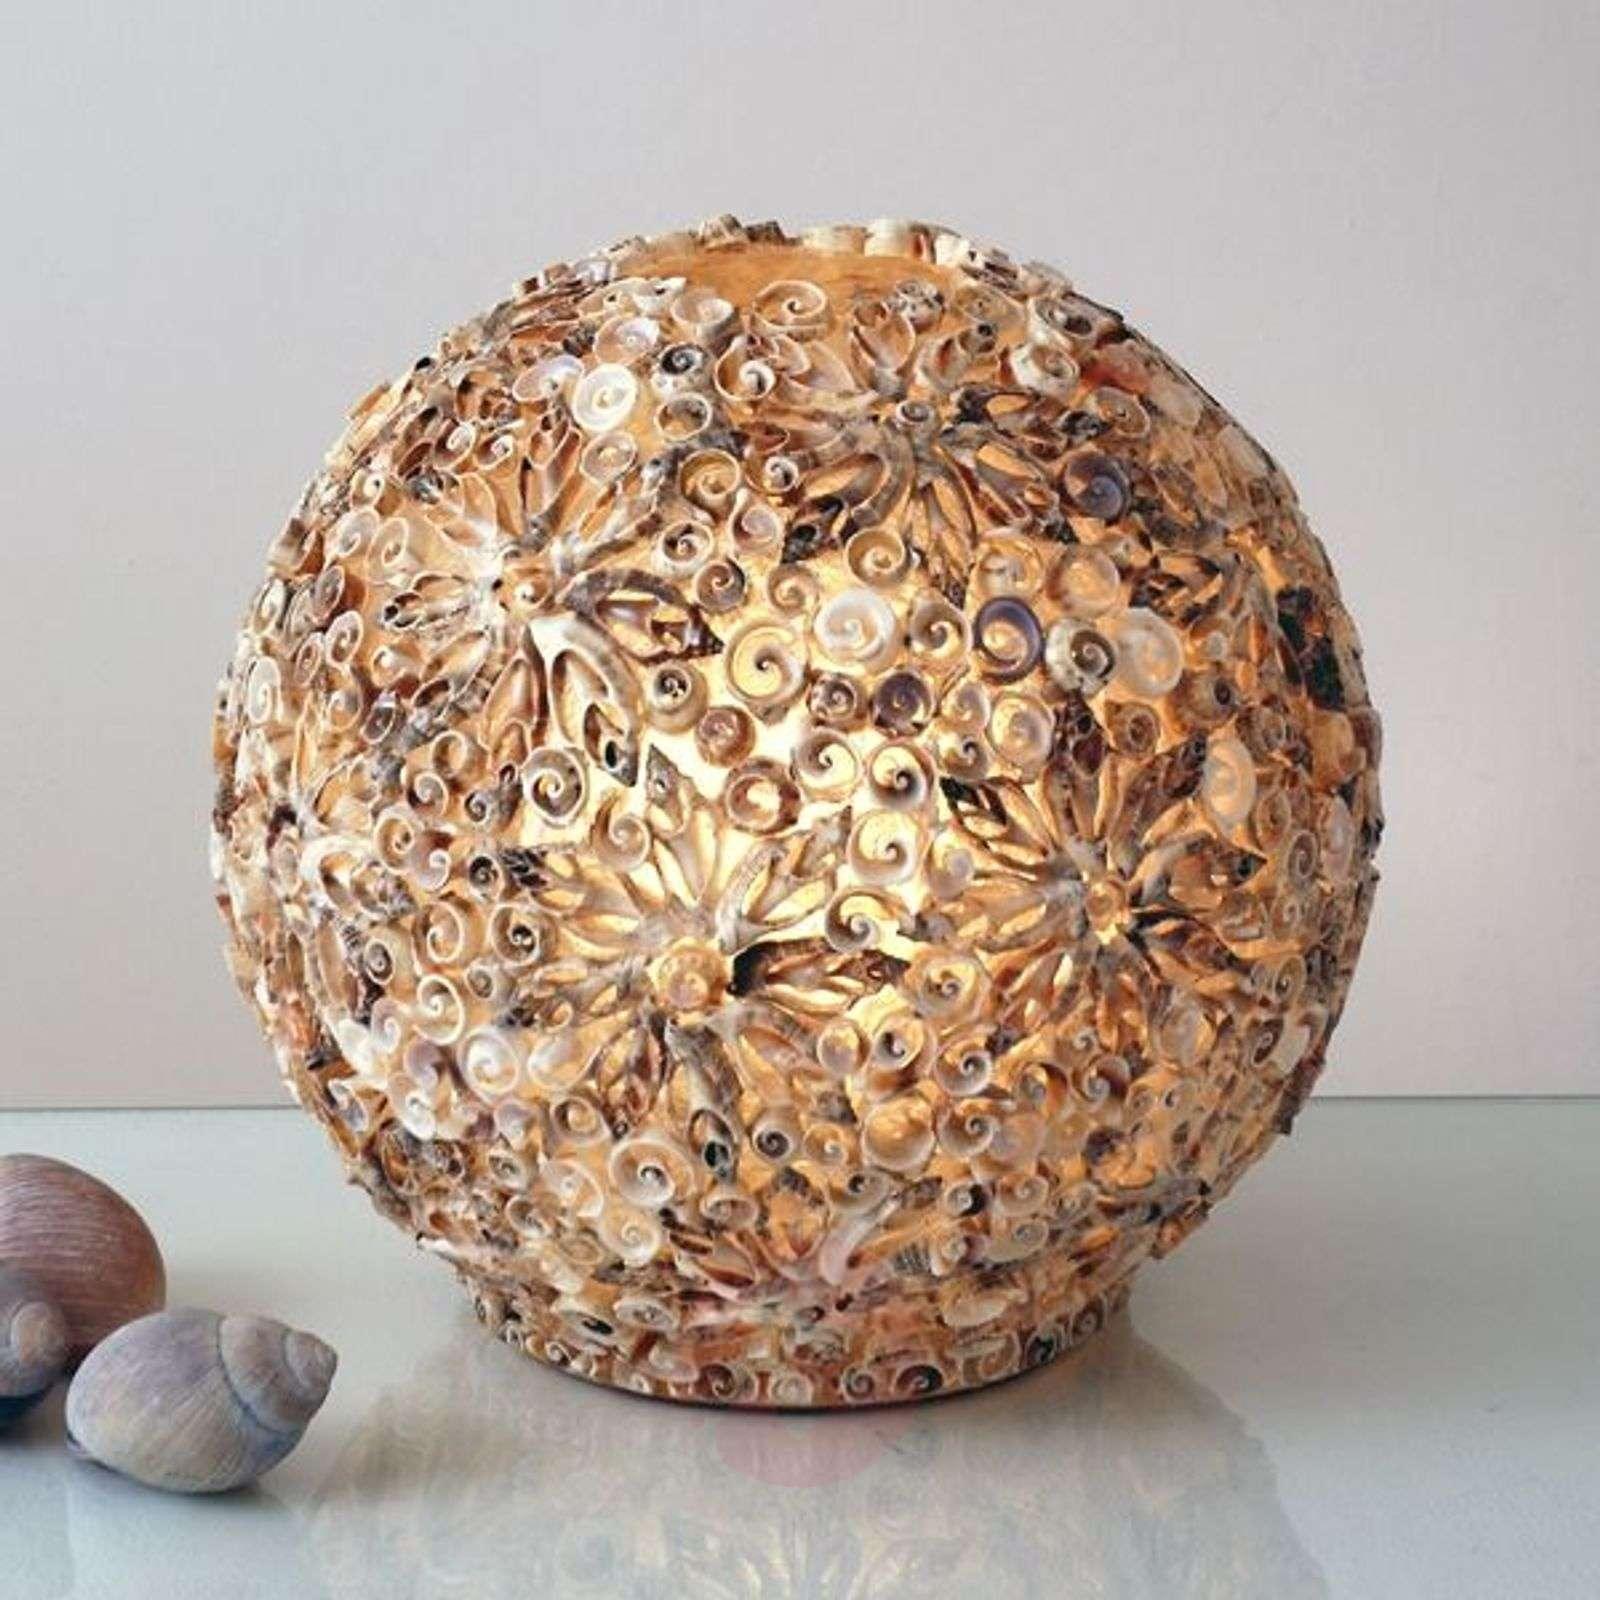 Koristeellinen pöytävalaisin simpukkapallo-4512185X-01